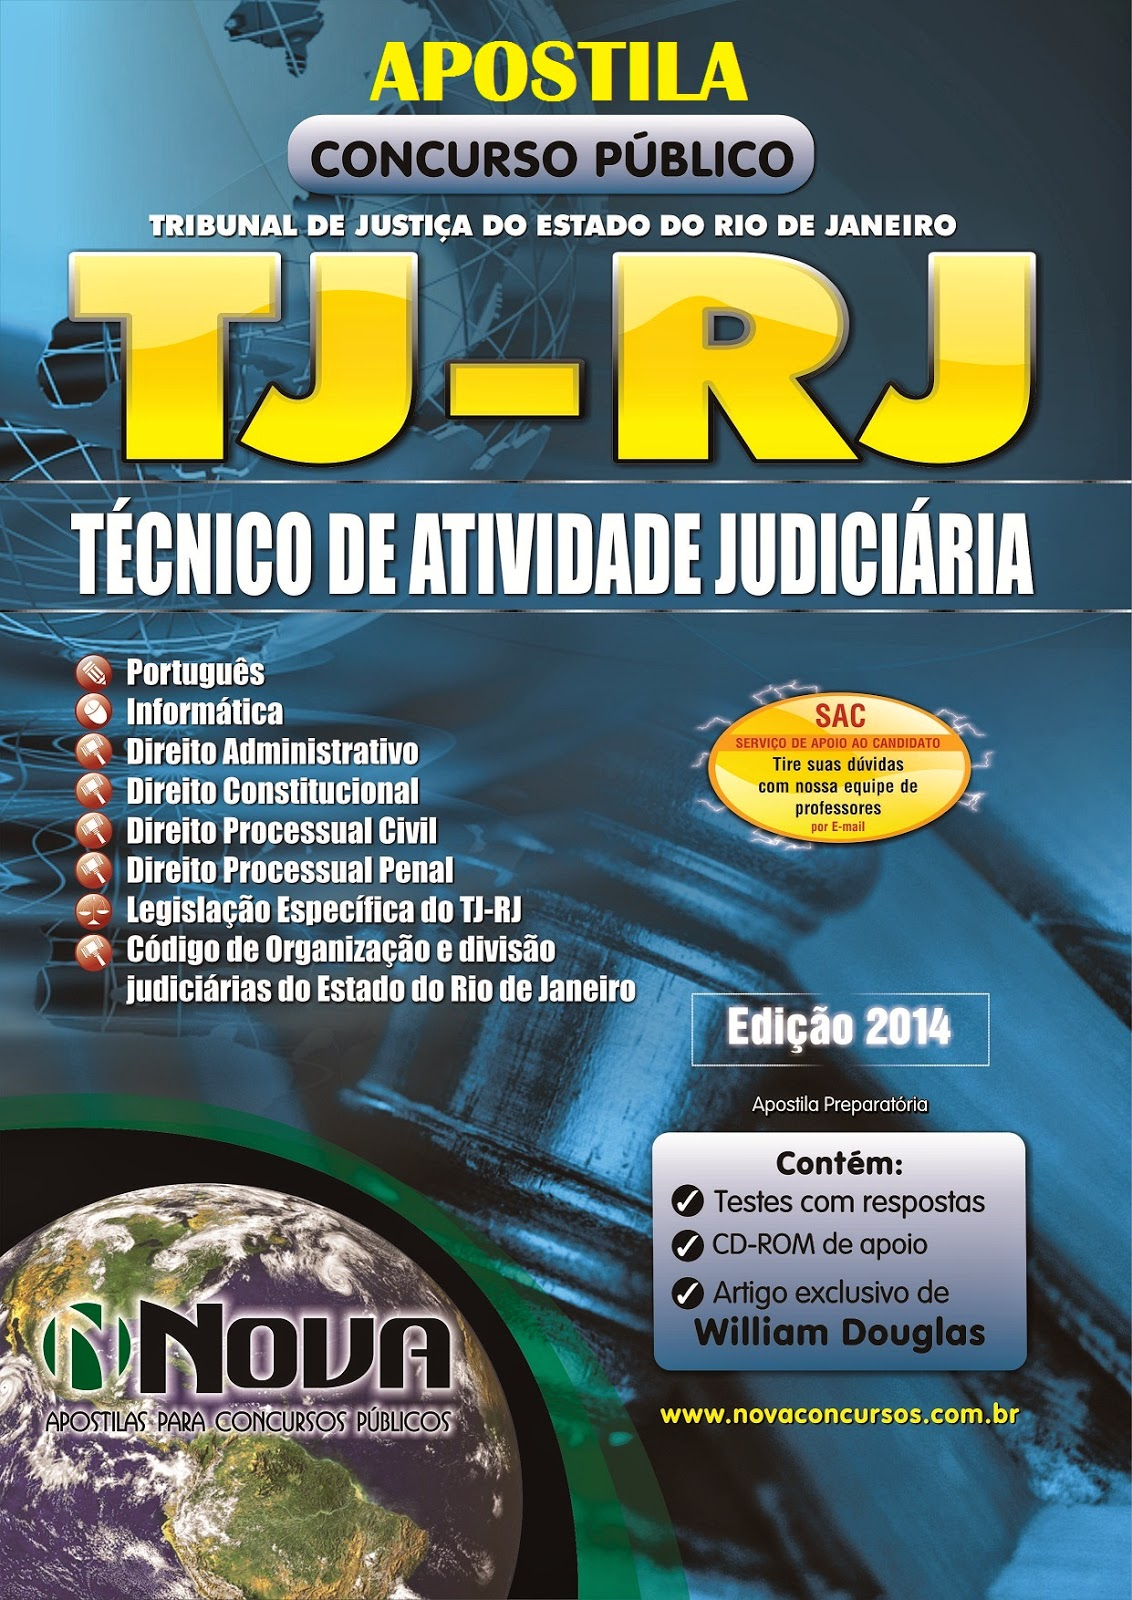 Apostila Concurso Tribunal de Justiça do Rio de Janeiro  TJ - RJ para Técnico de Atividade Judiciária